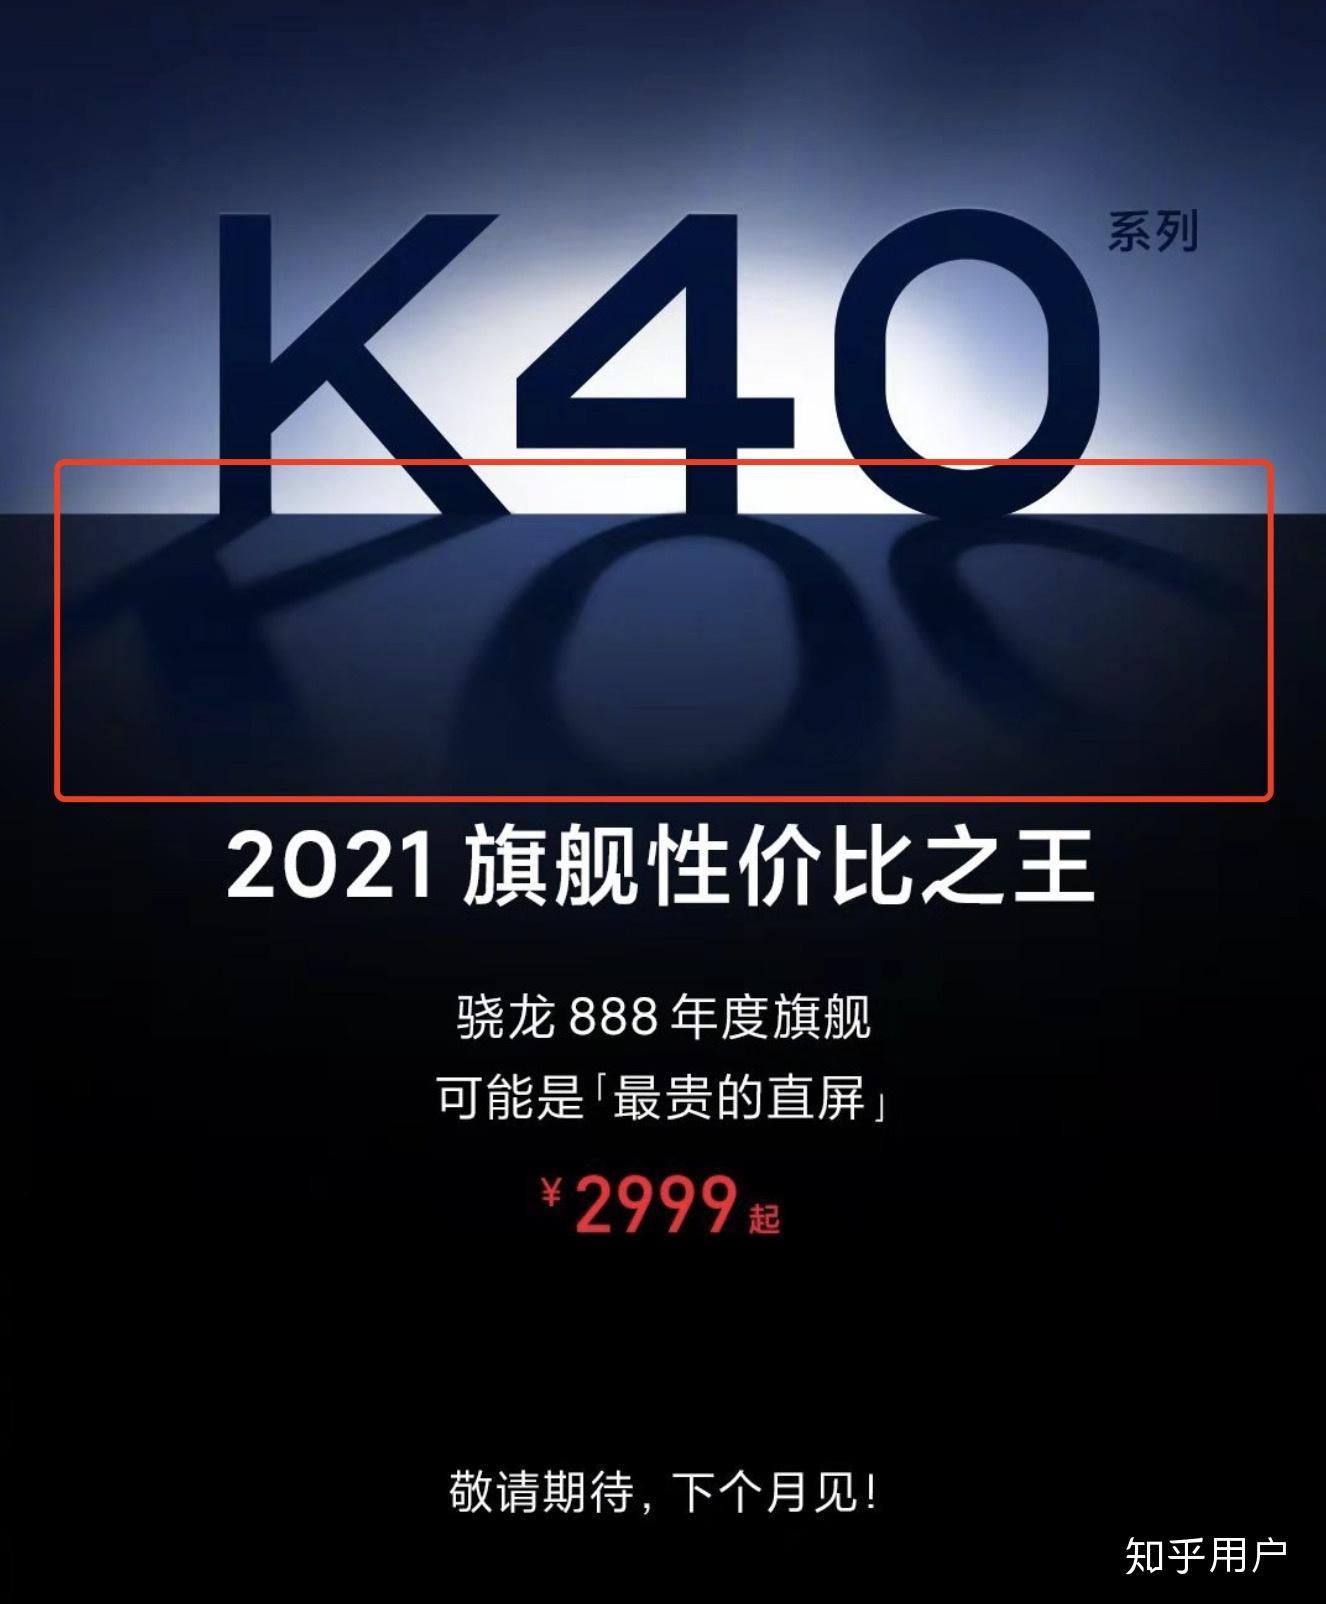 v2 b21bacc9ca59f05559a37453c87196c7 1440w